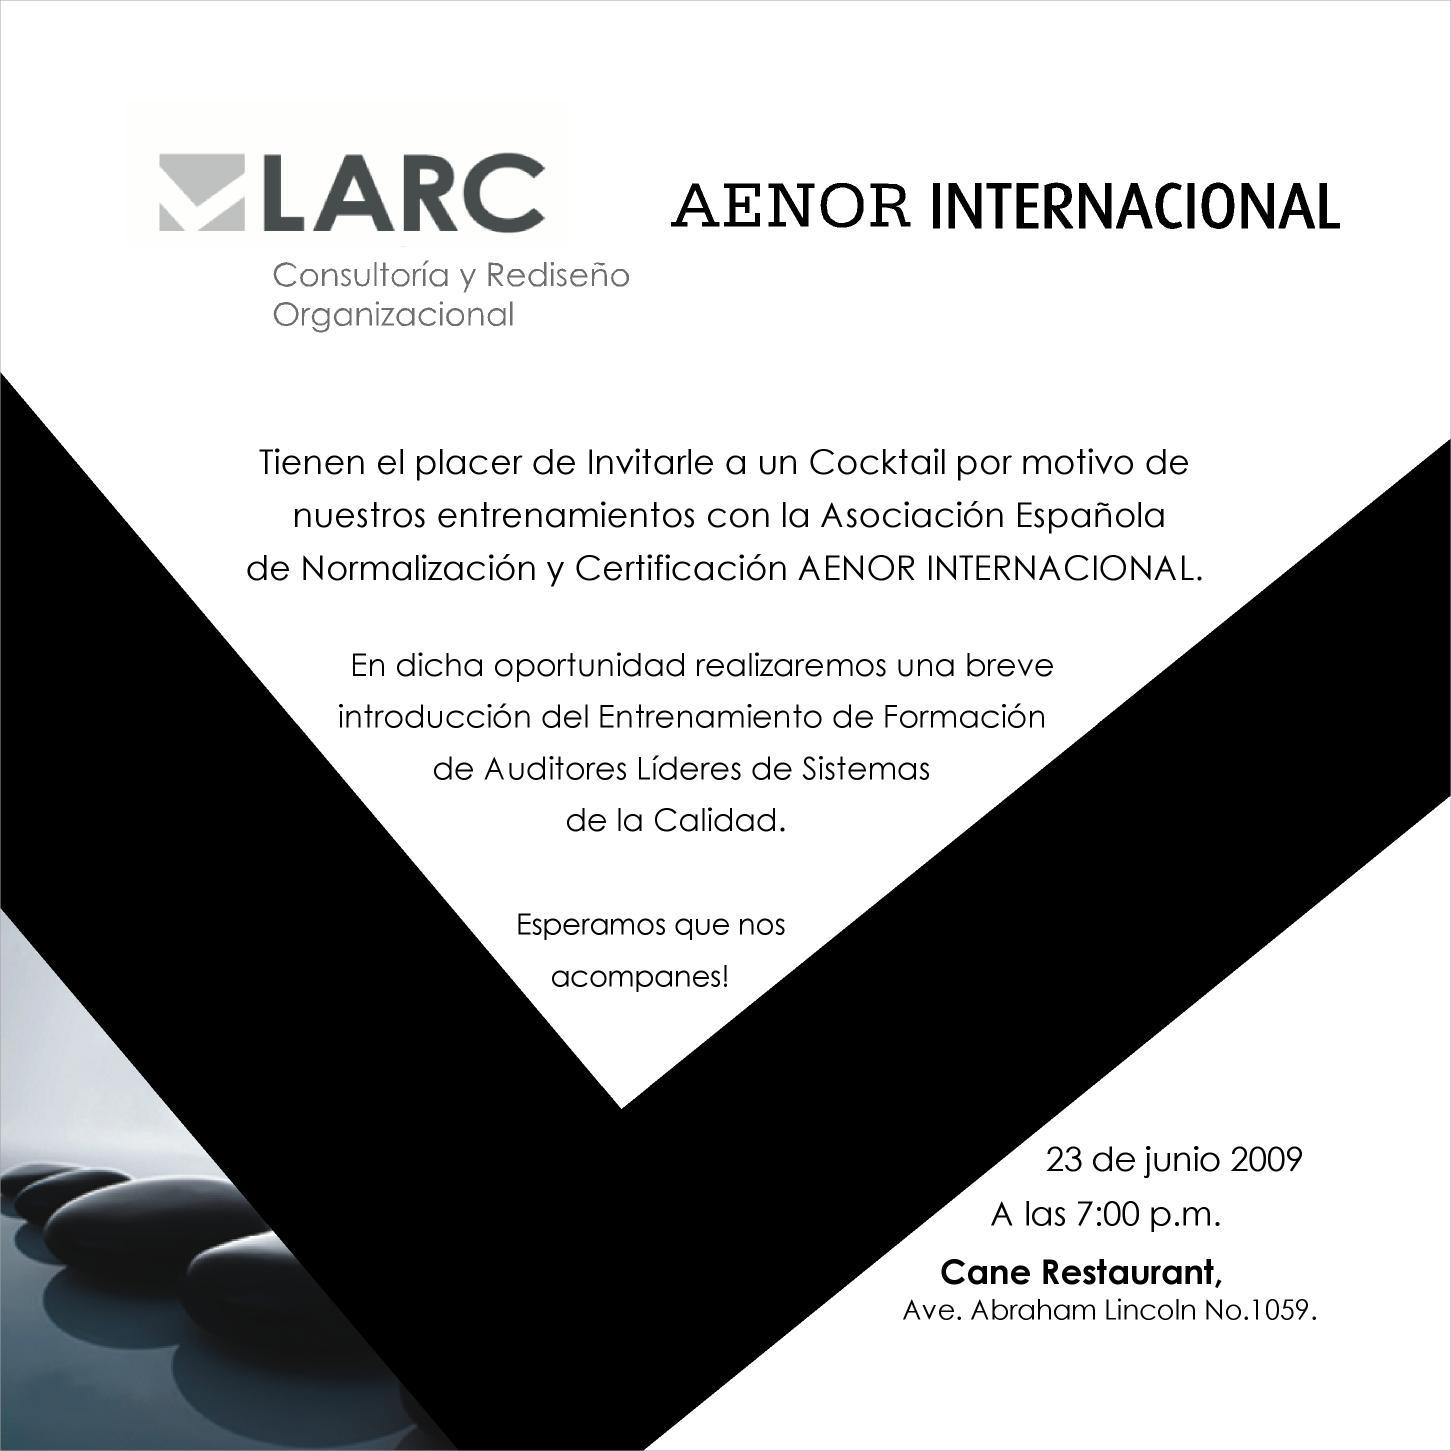 Invitación LARC